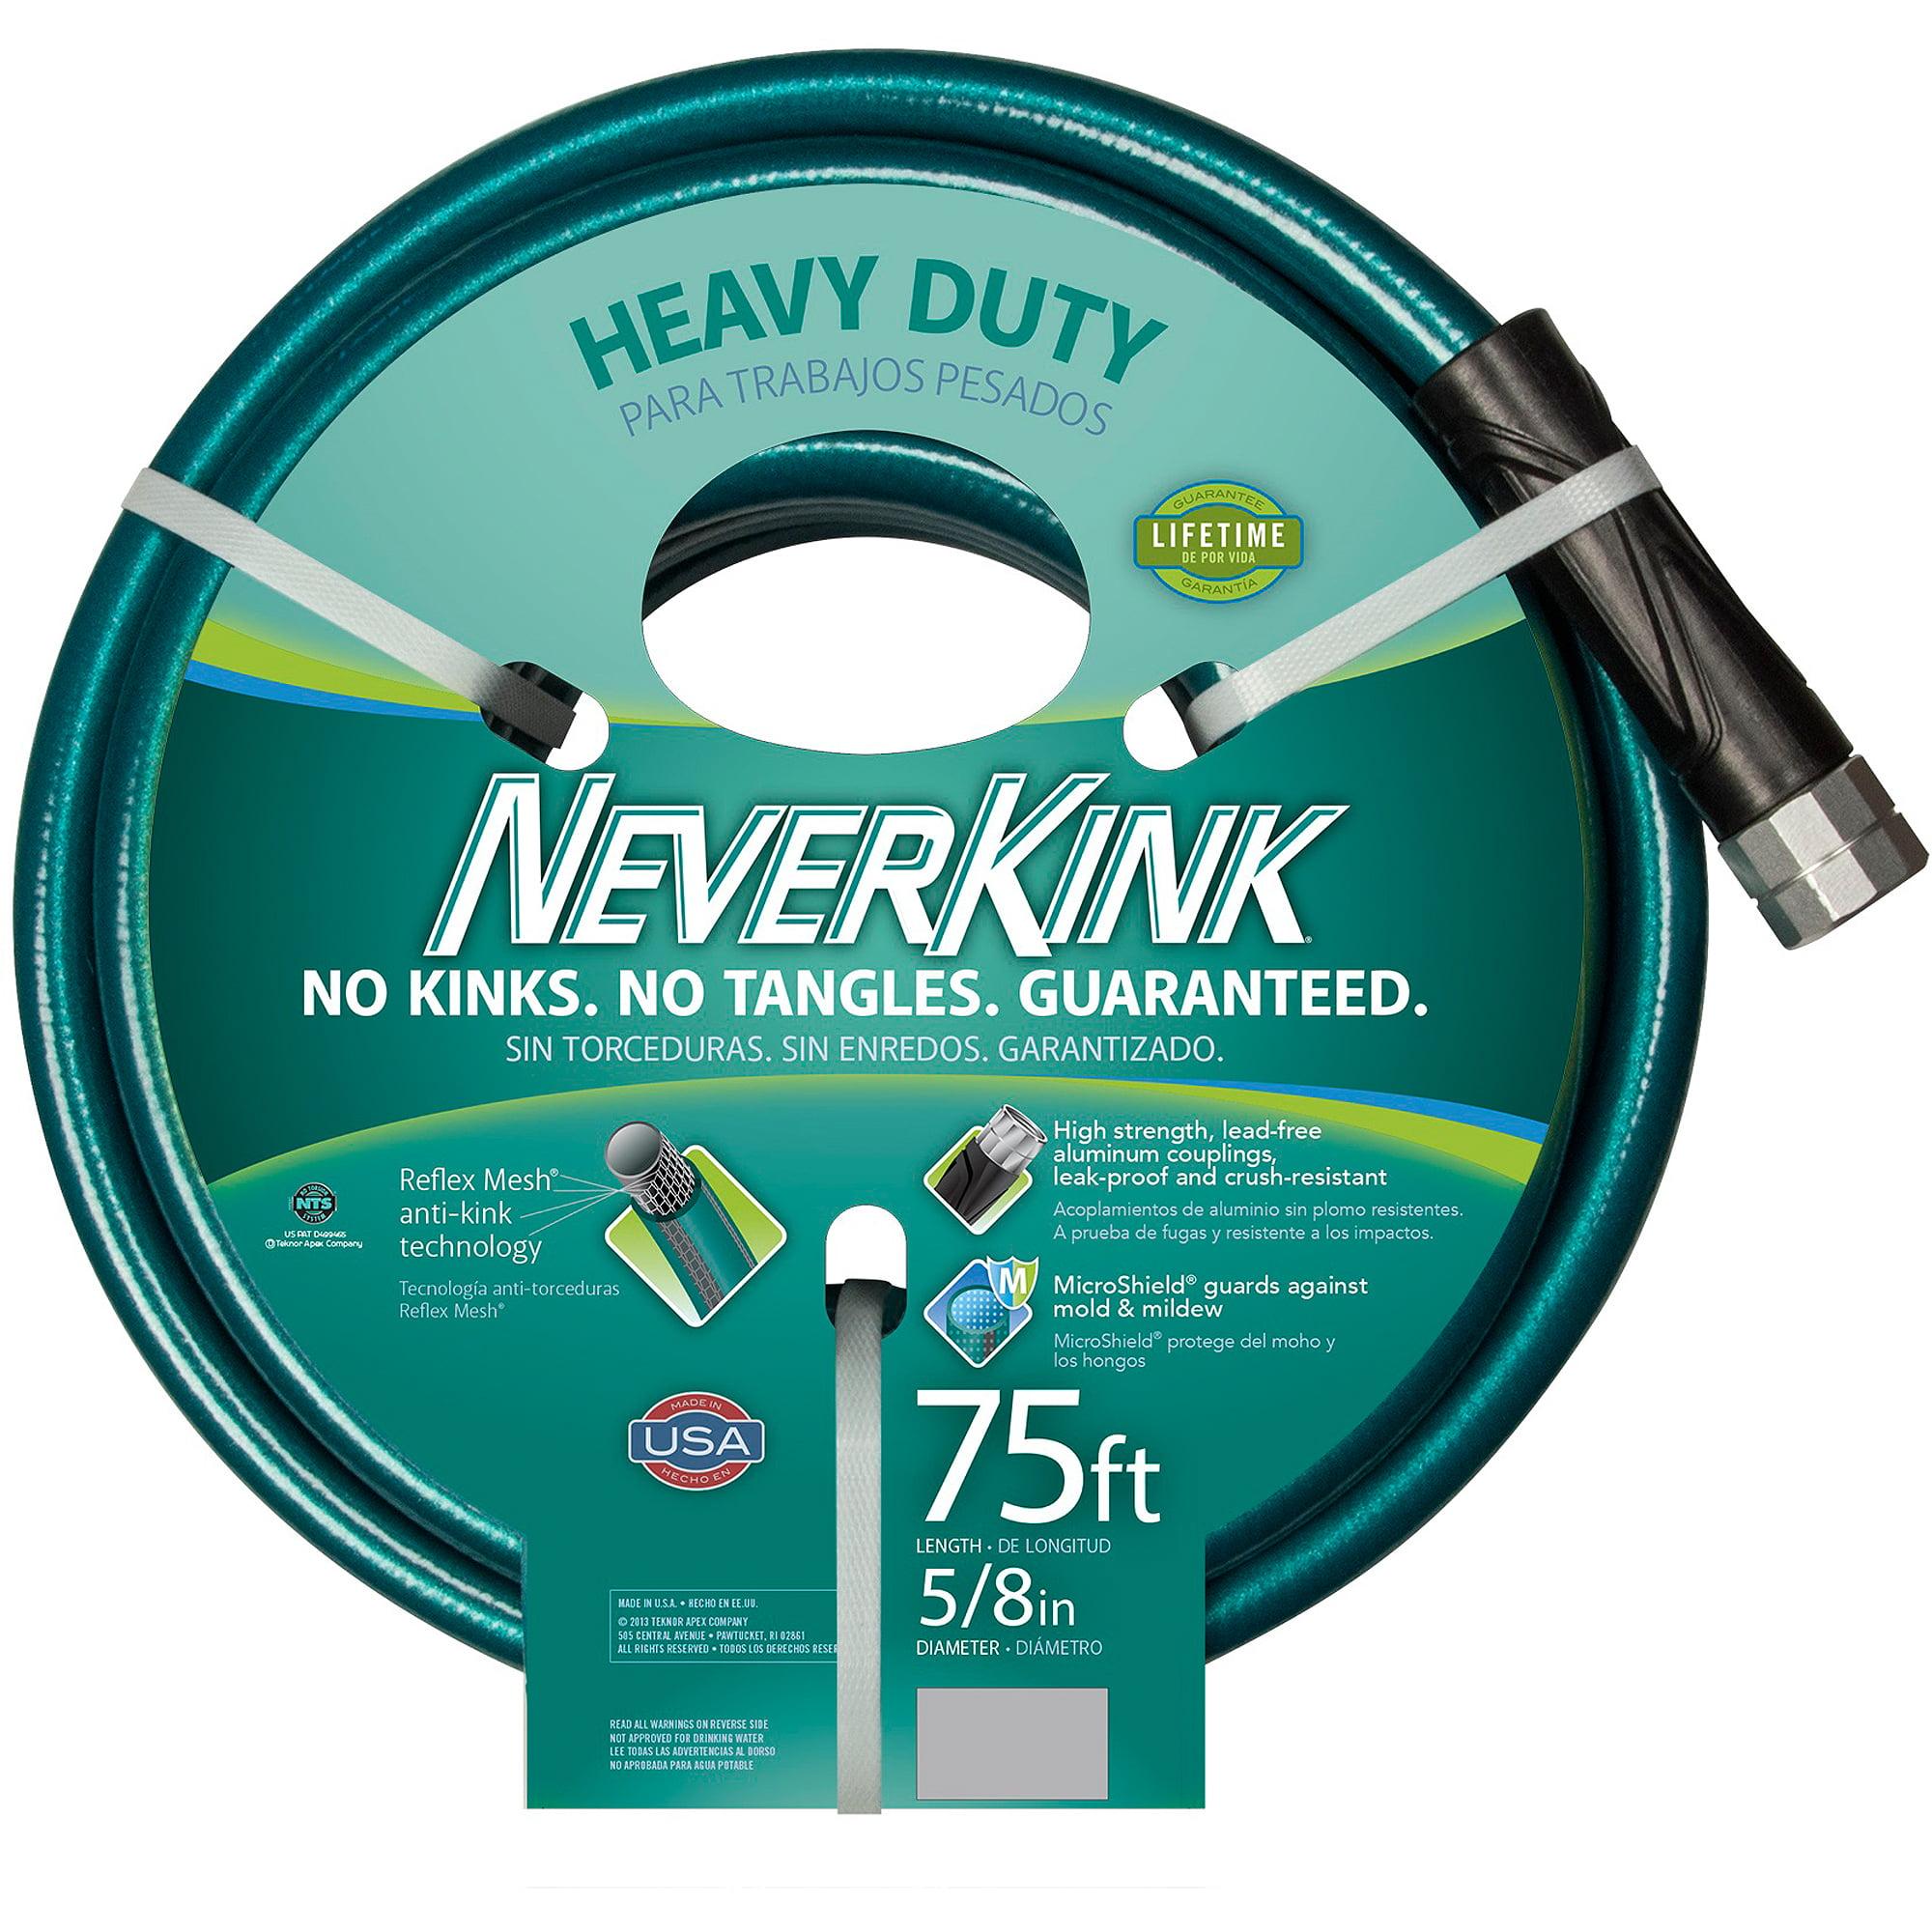 Teknor Apex Neverkink Hose, 75', Teal/Grey